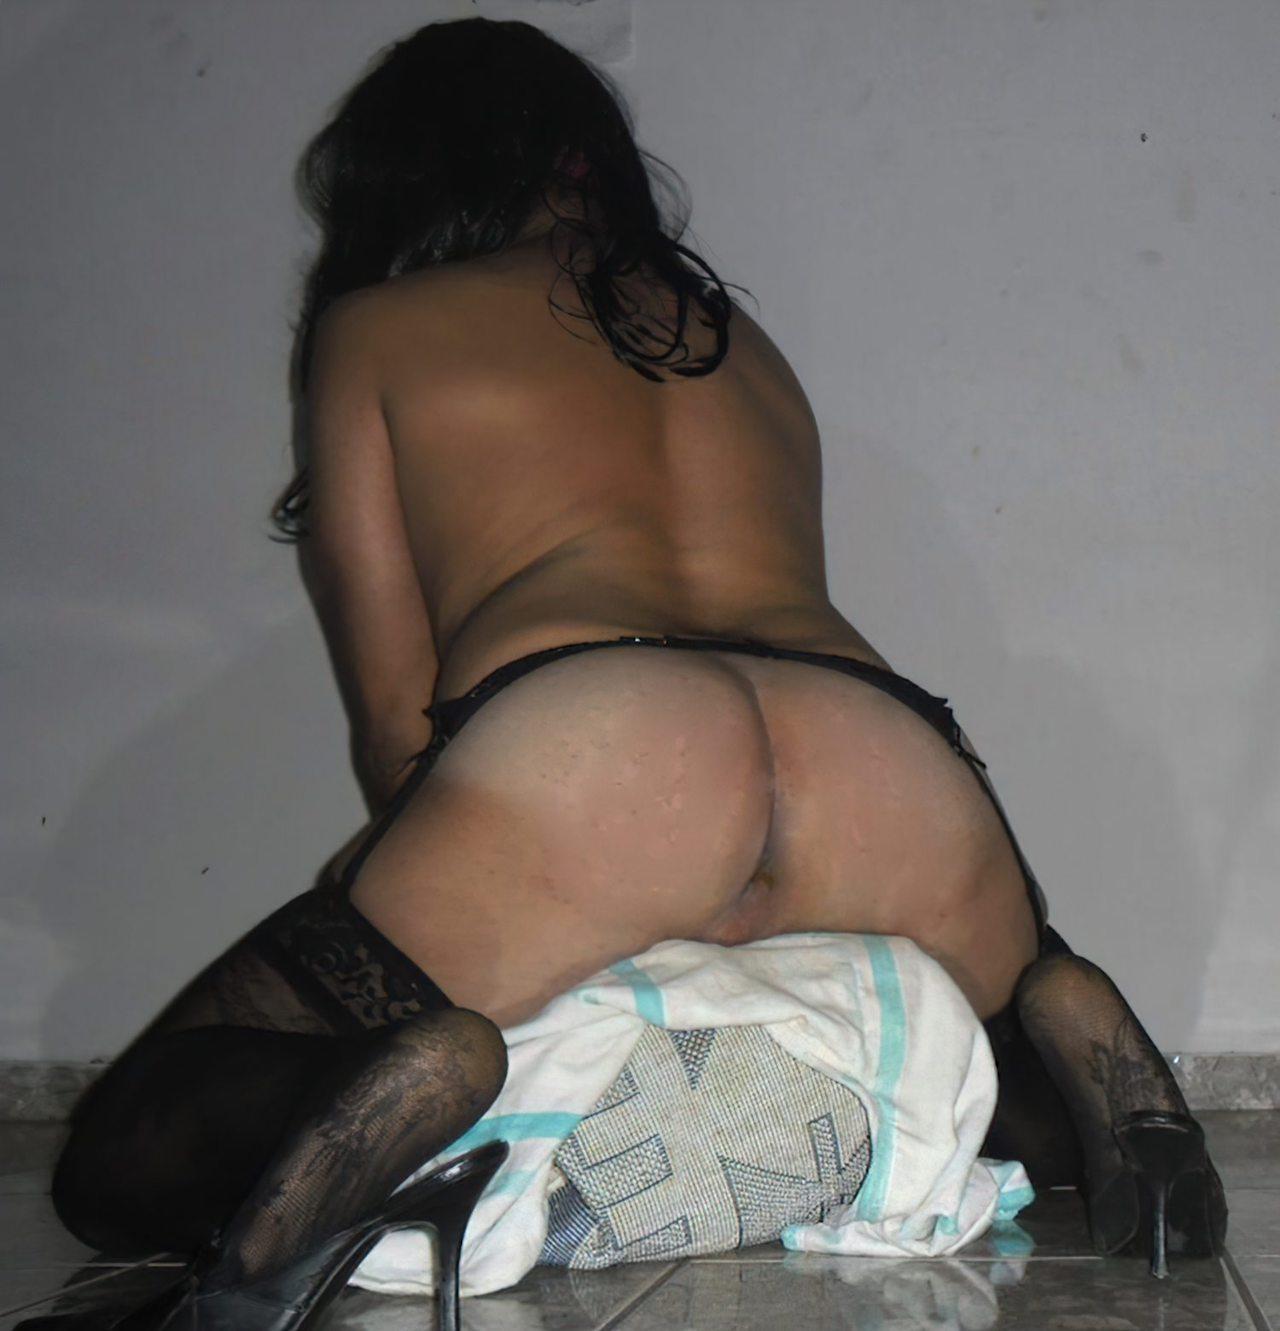 crossdresser carente   fotos travestis